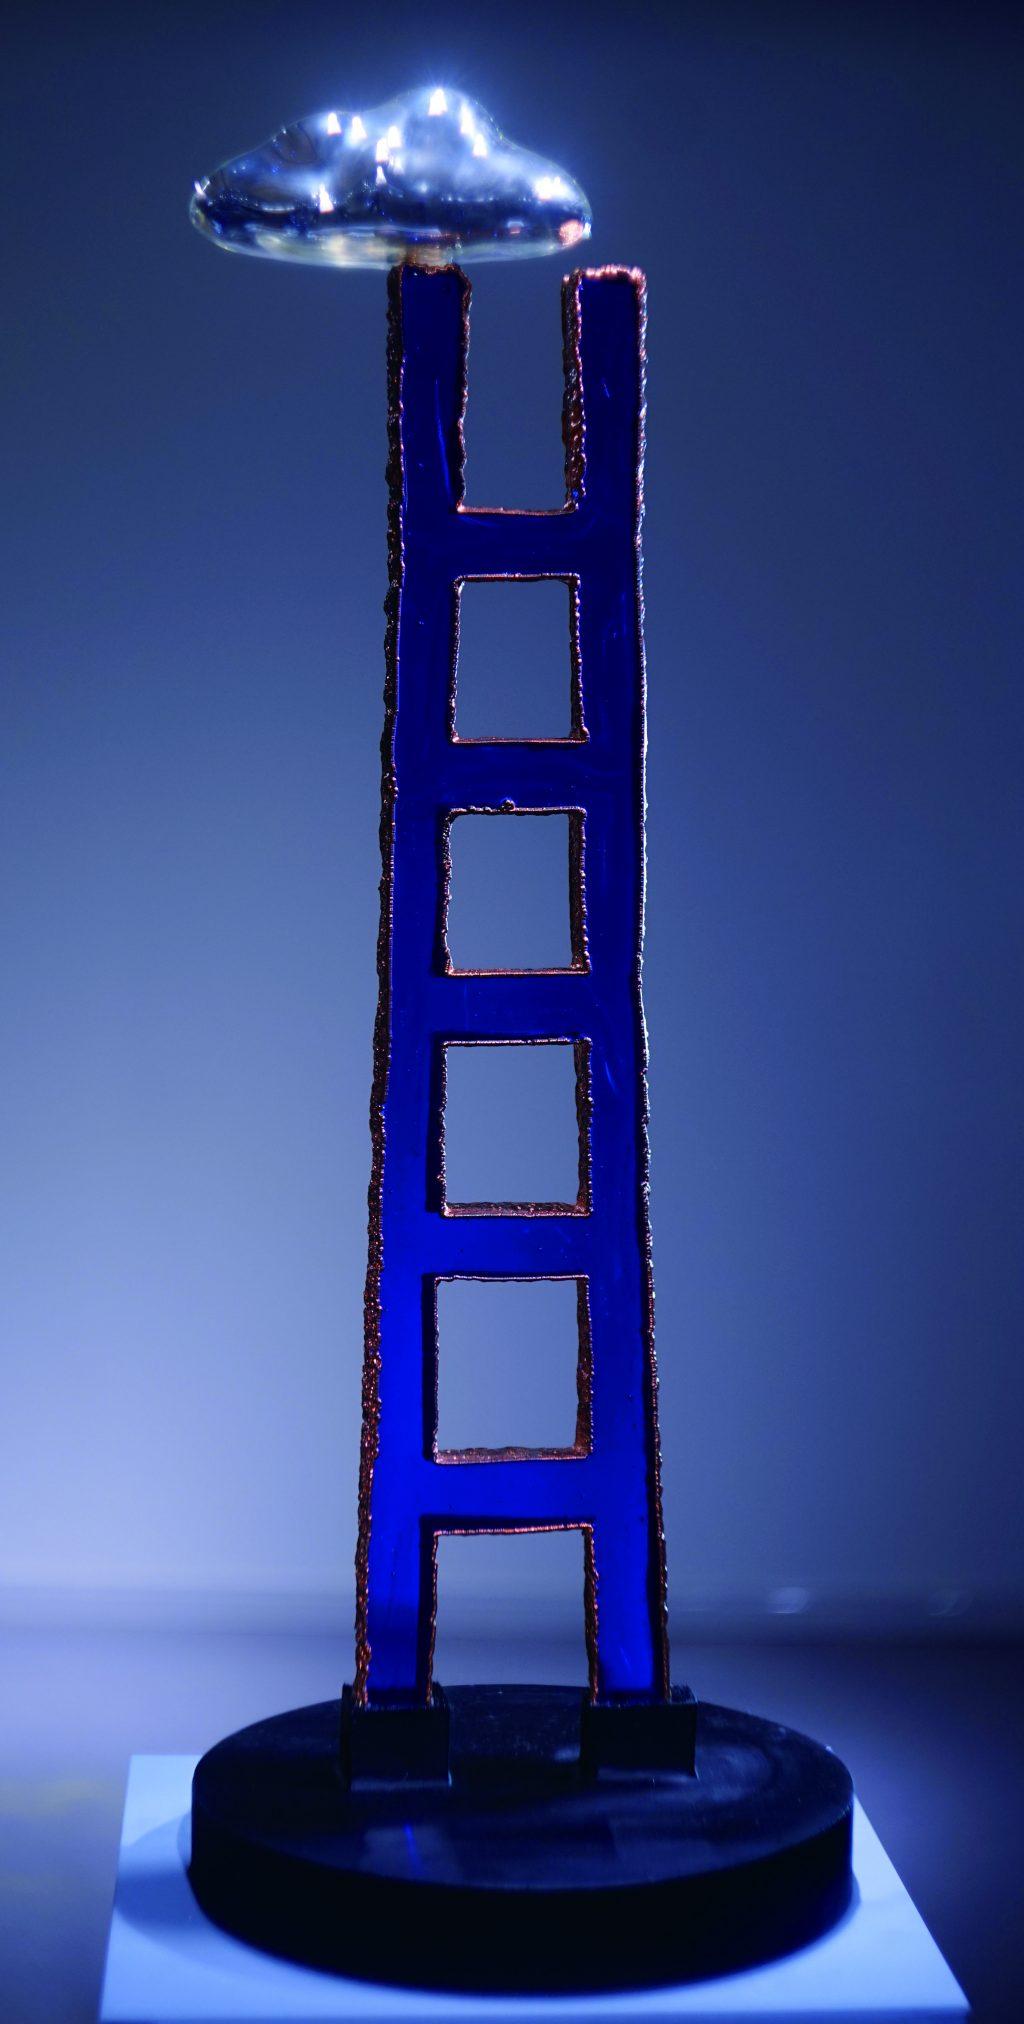 Reflex Series ——《Cloud-Ladder》